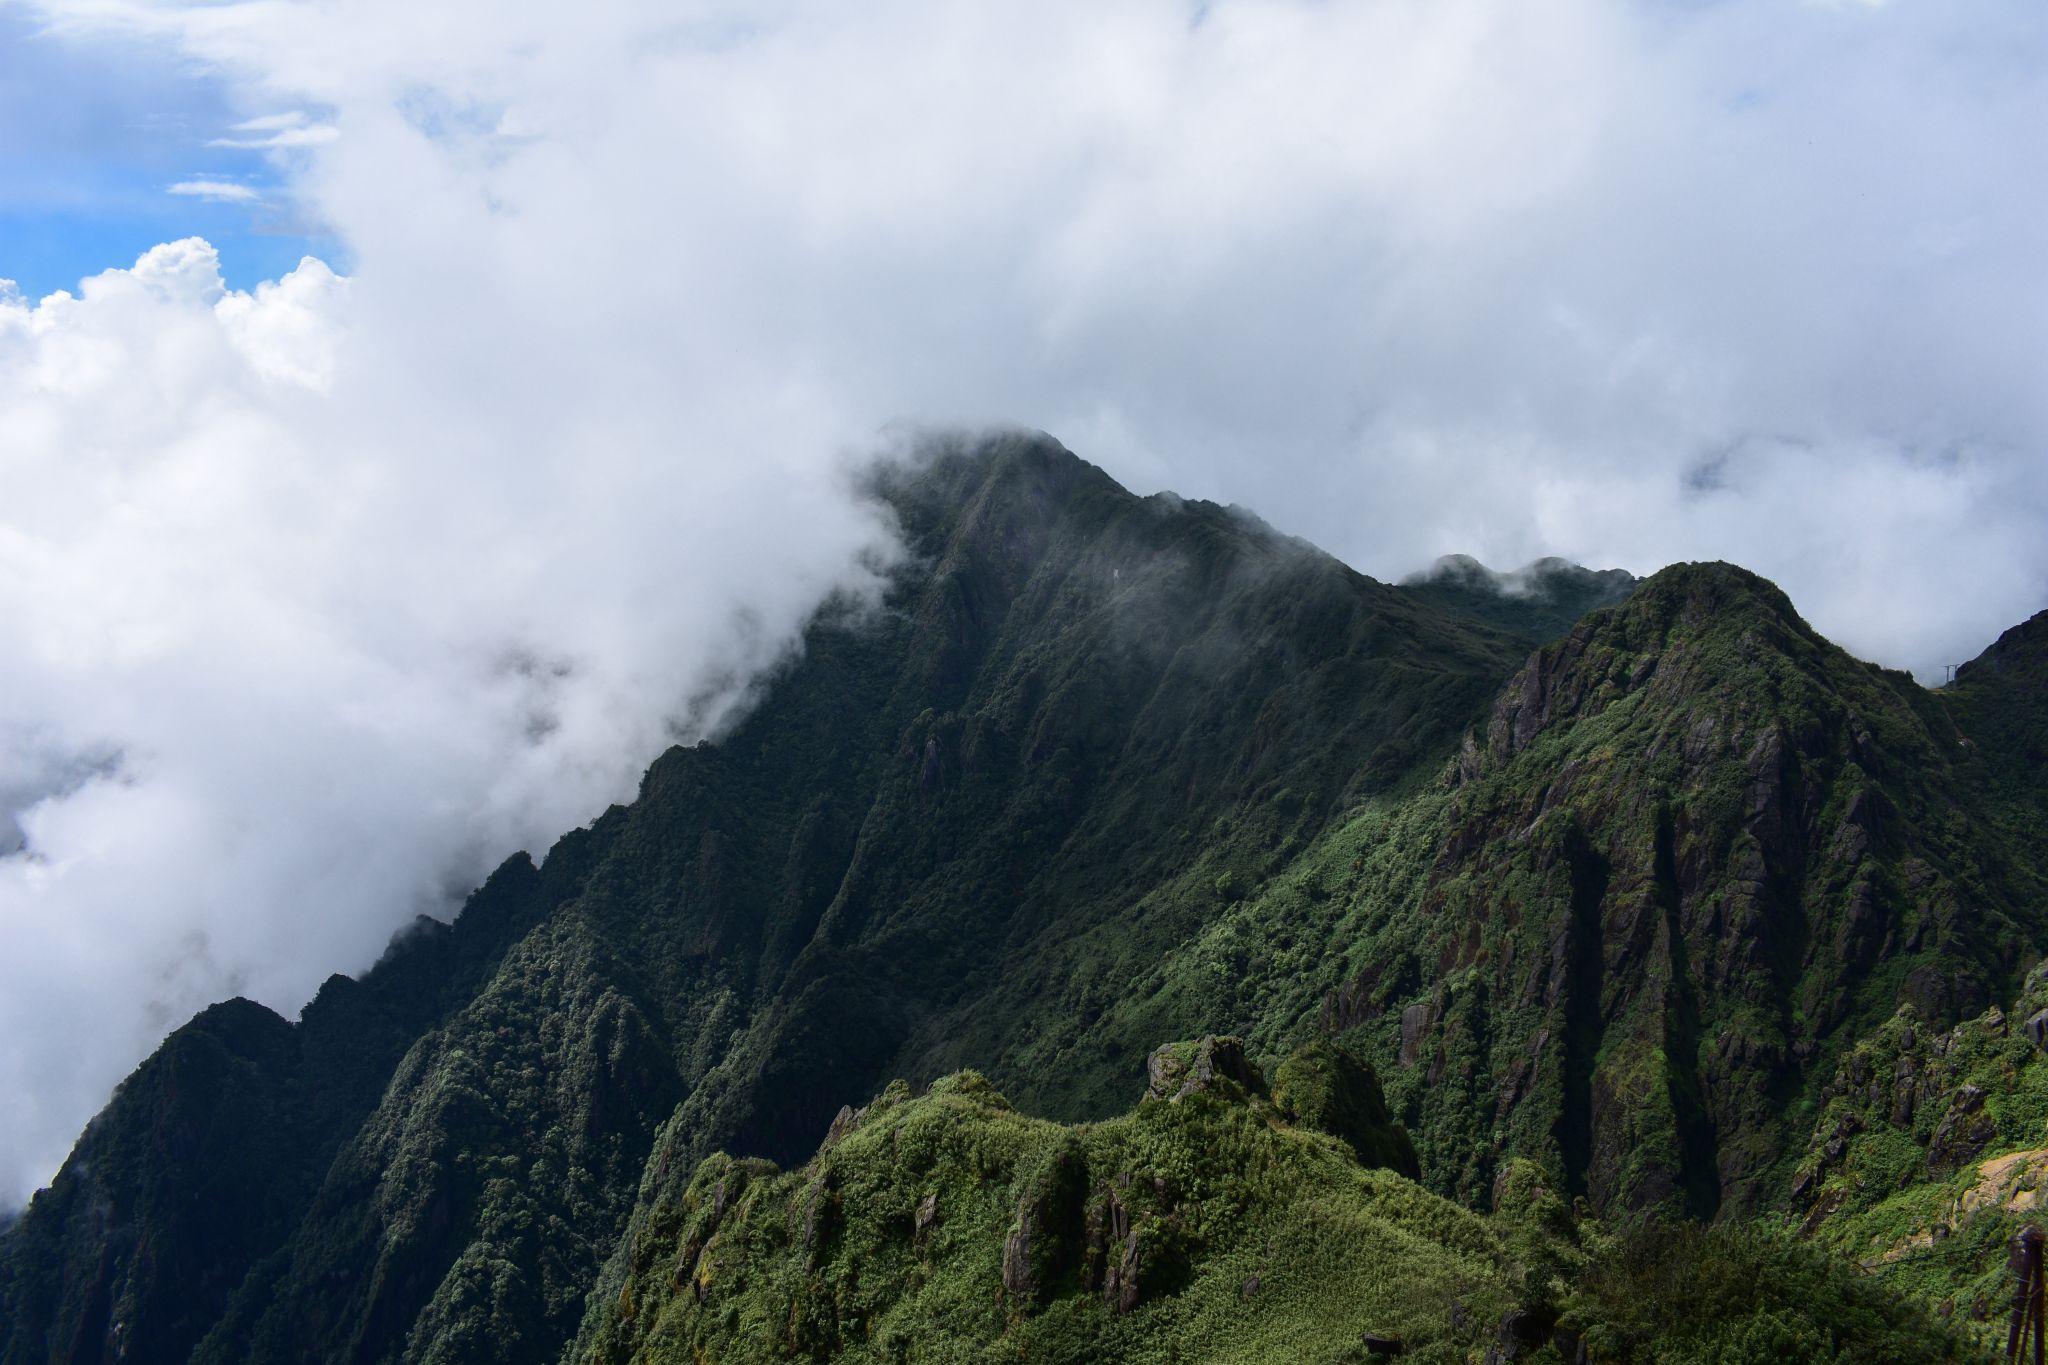 Mount Fansipan, Vietnam